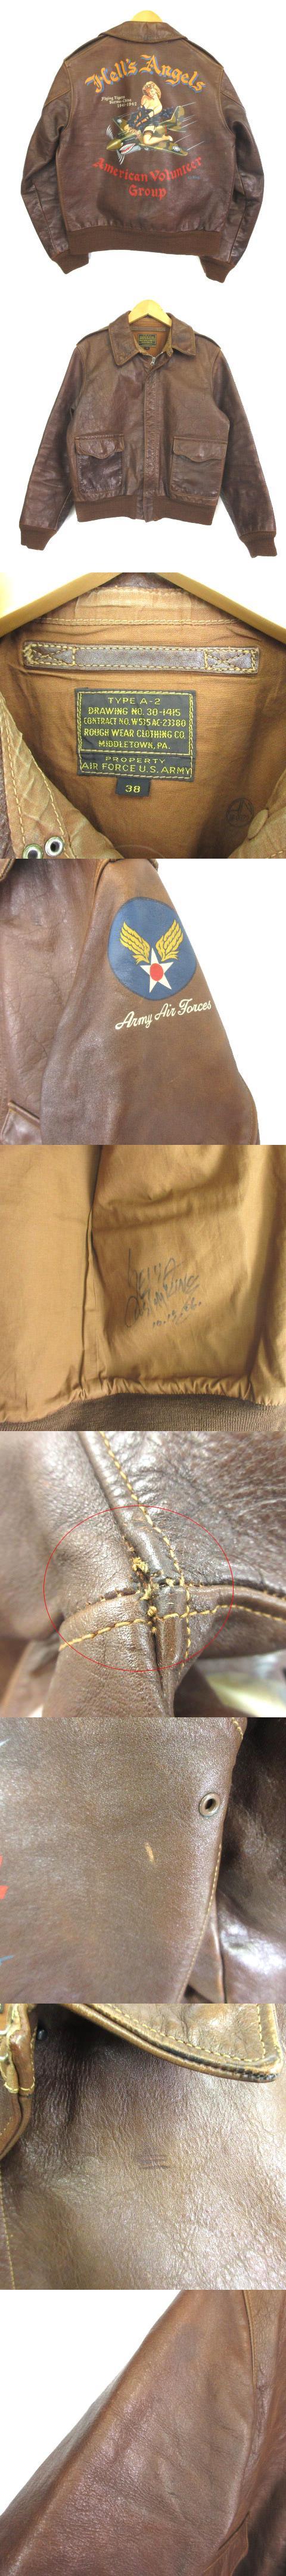 ラフウエア A-2 カスタムキング ペイント フライトジャケット レザー ブラウン 茶 38